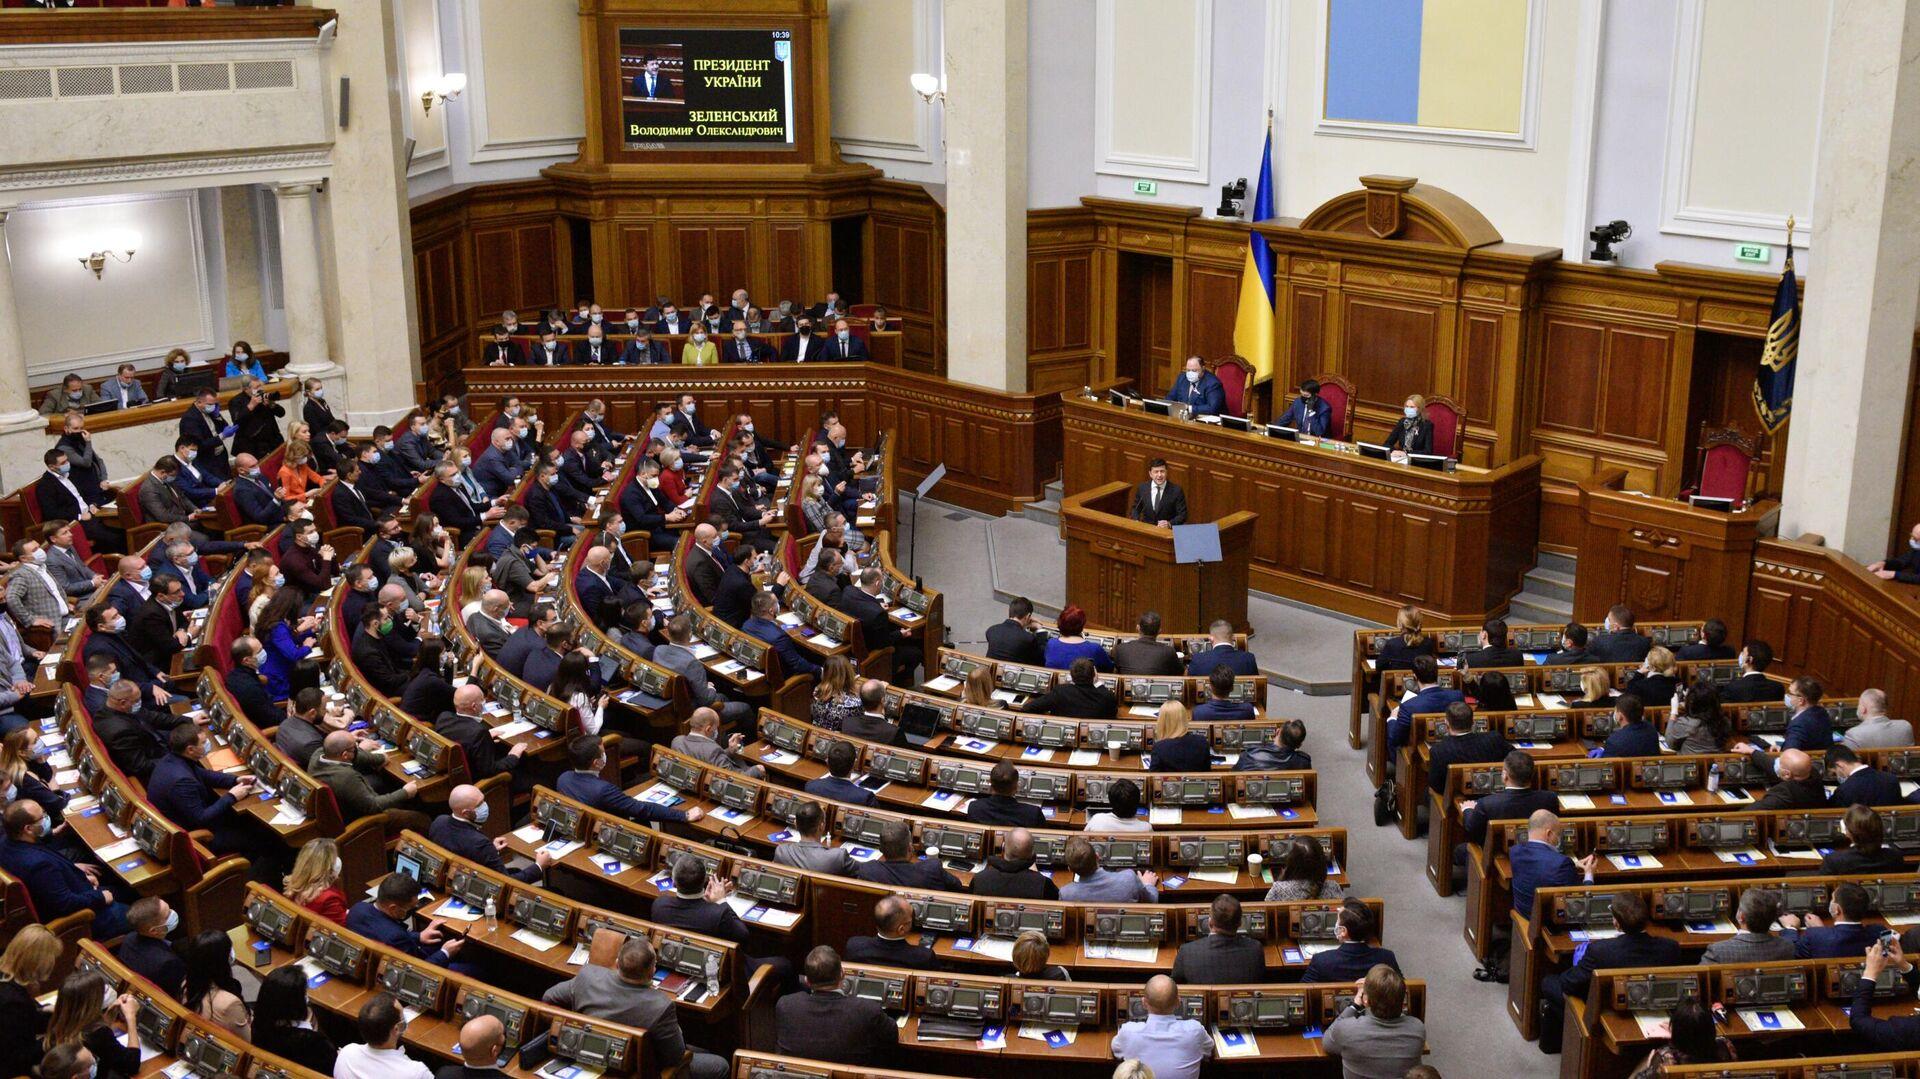 Президент Украины Владимир Зеленский выступает в Верховной Раде  - РИА Новости, 1920, 20.09.2021